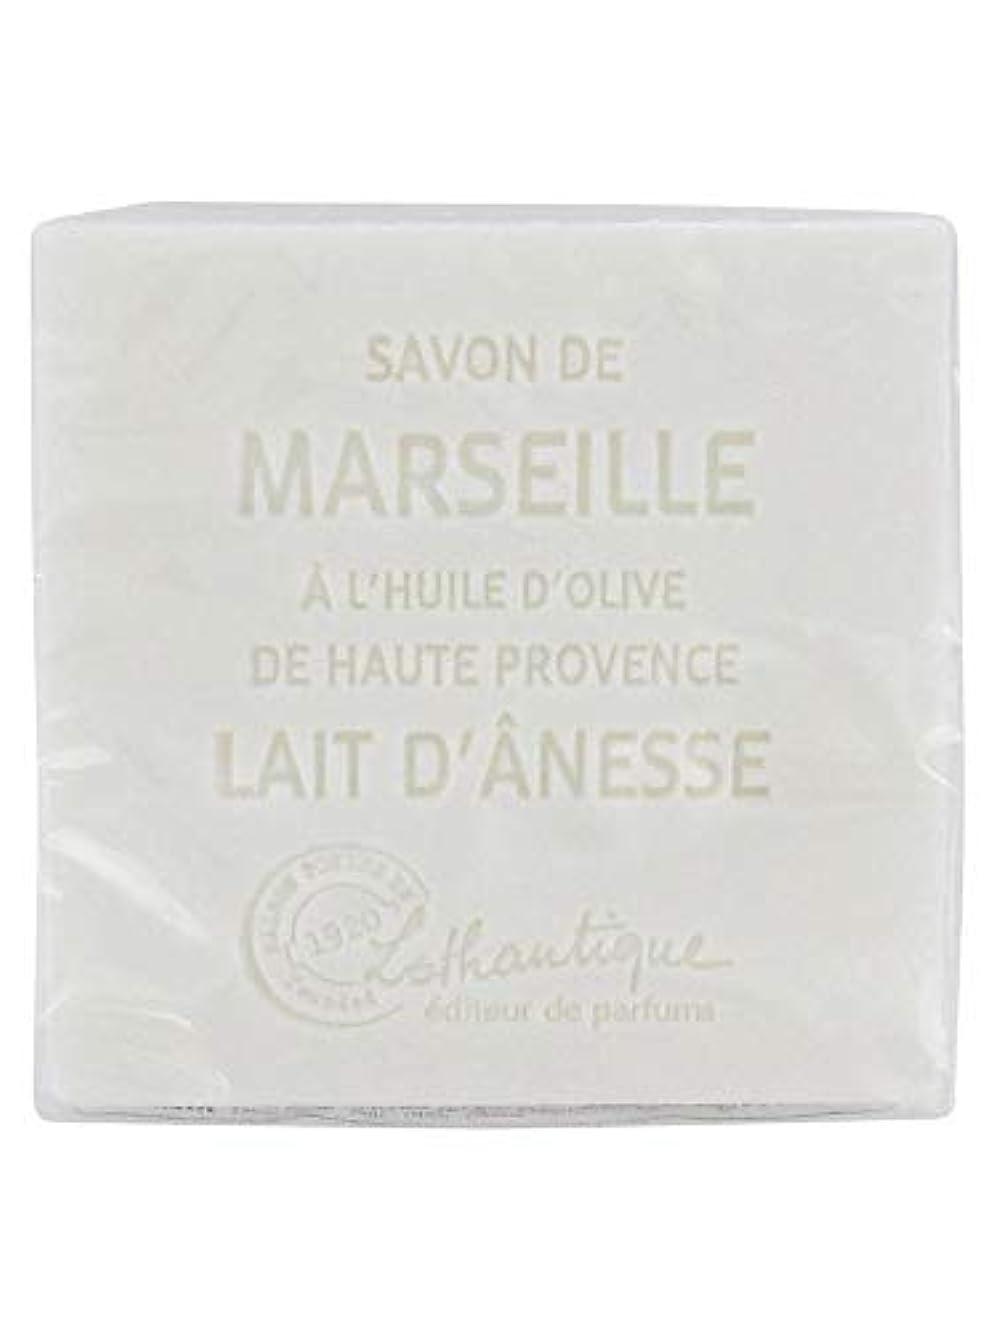 マイルストーン失効安らぎLothantique(ロタンティック) Les savons de Marseille(マルセイユソープ) マルセイユソープ 100g 「ミルク(ロバミルク)」 3420070038043